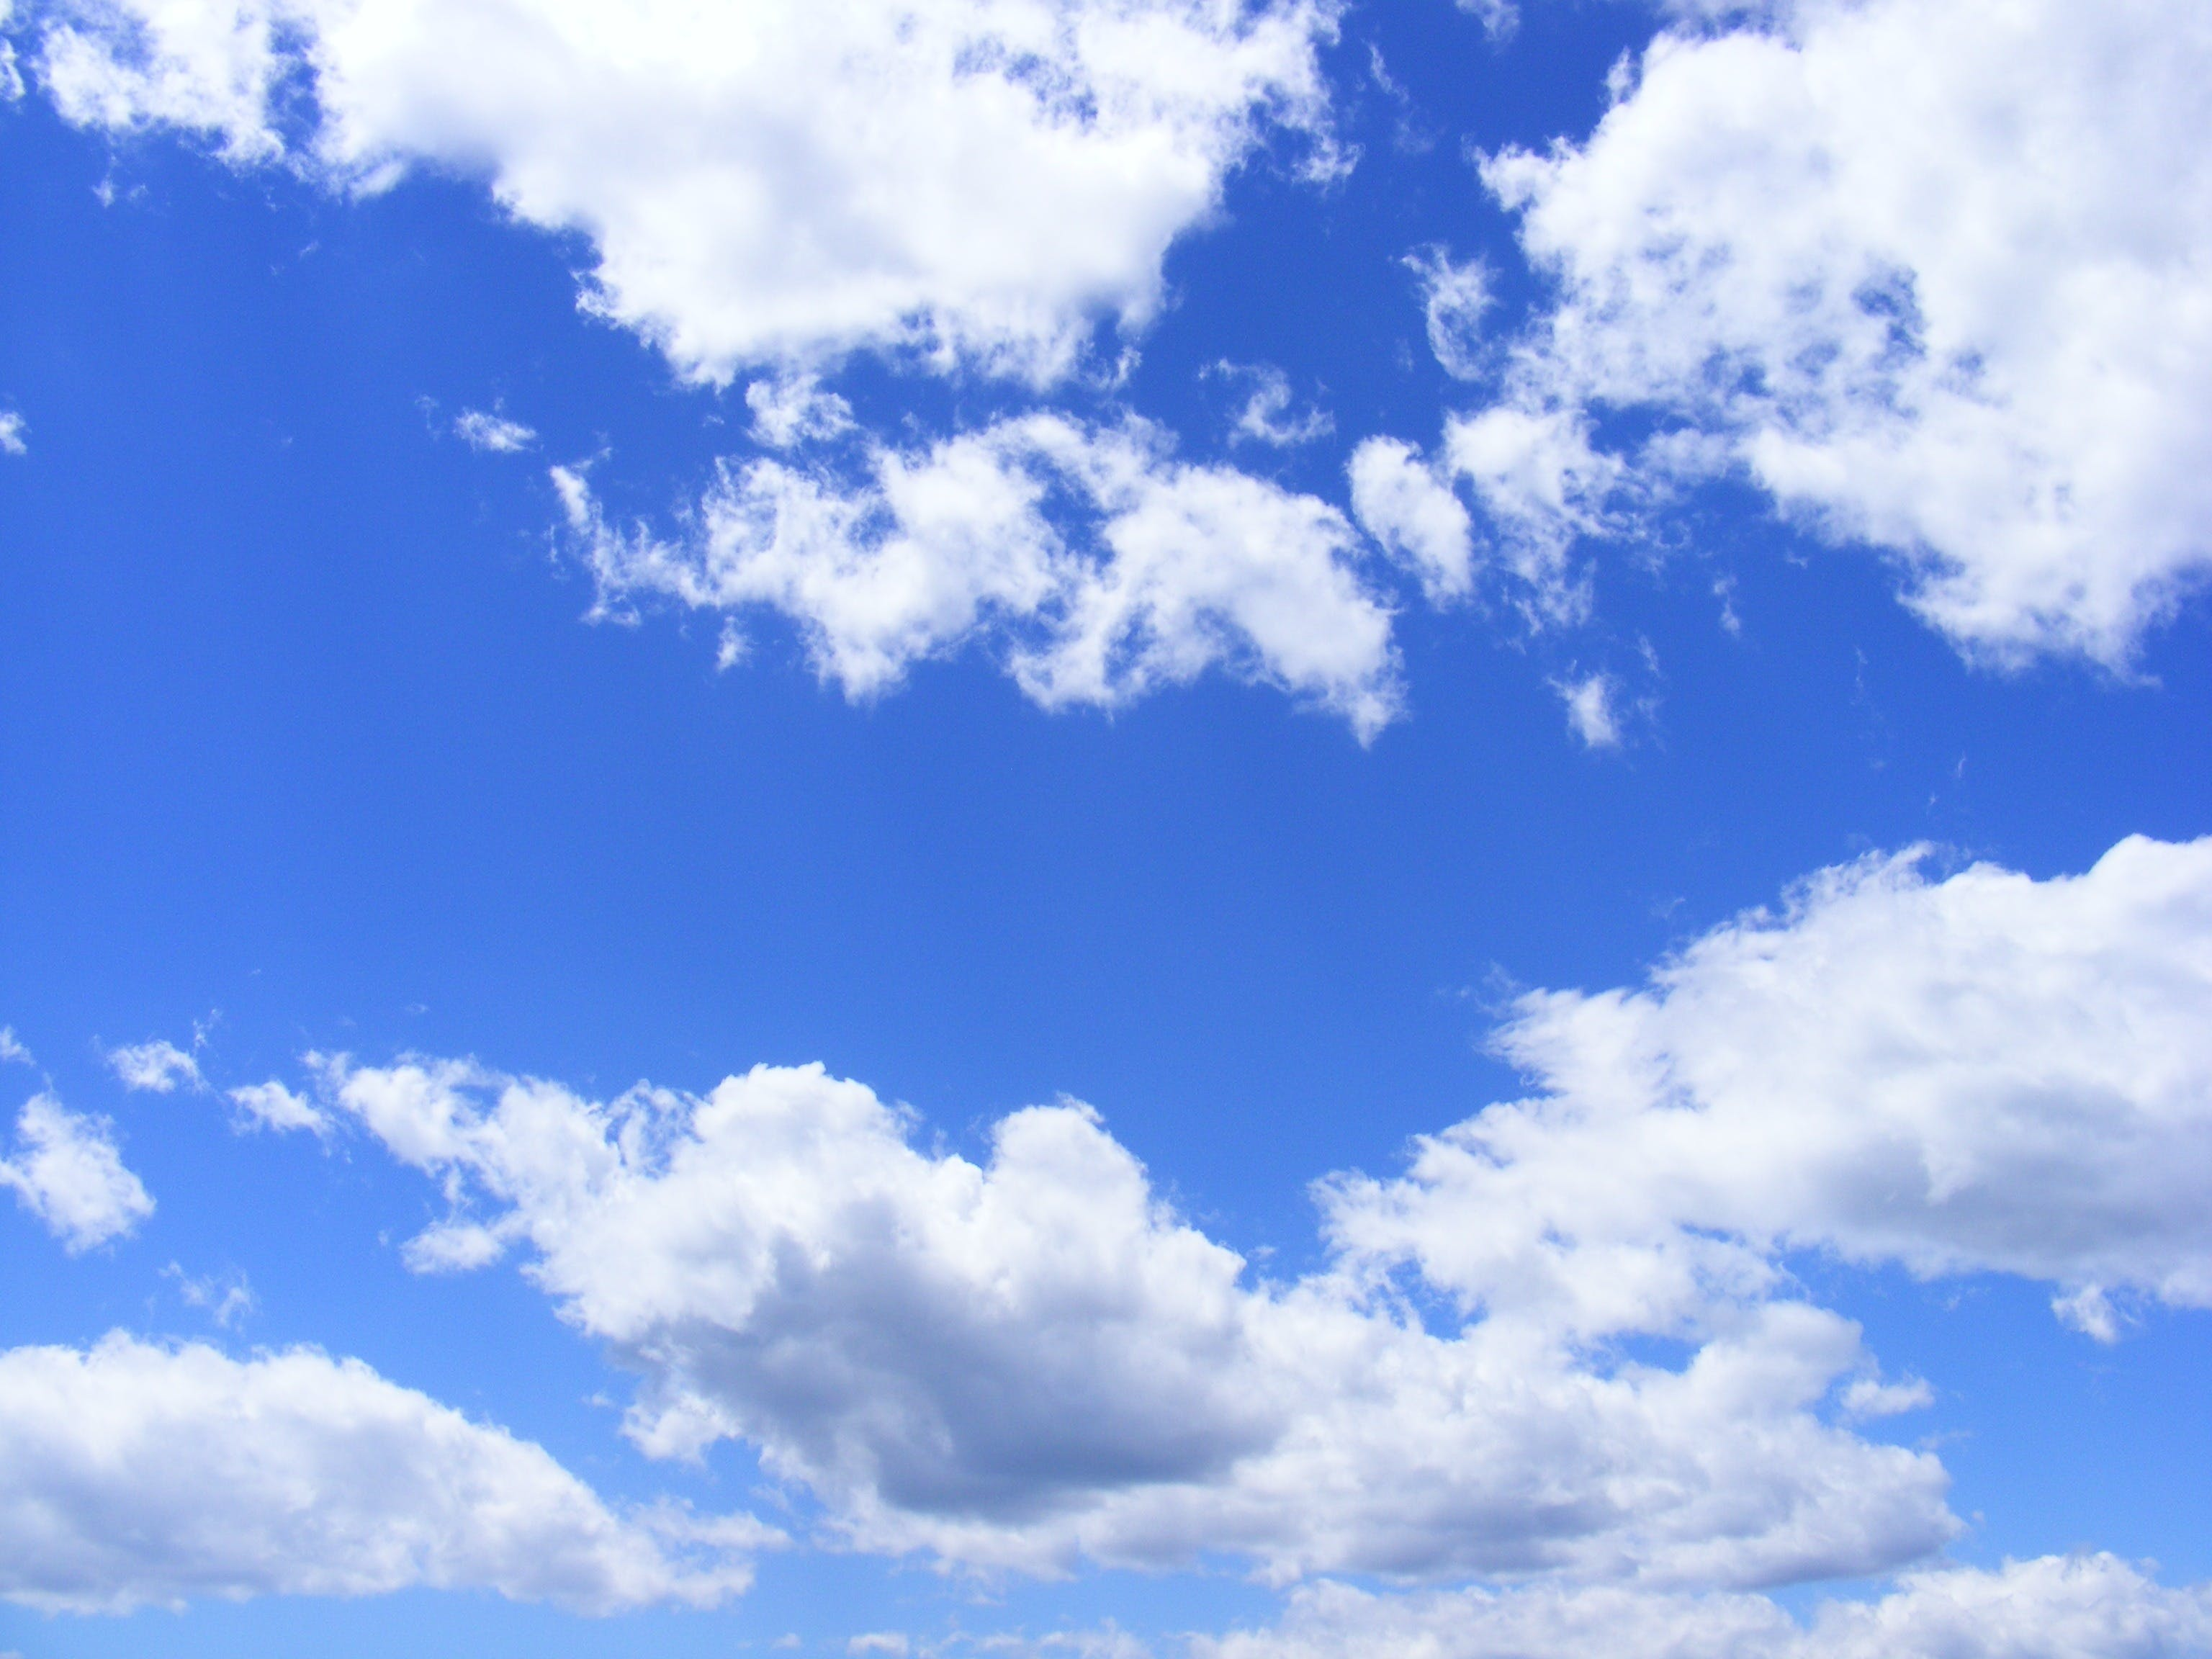 Kostenloses Stock Foto zu natur, himmel, wolken, blau